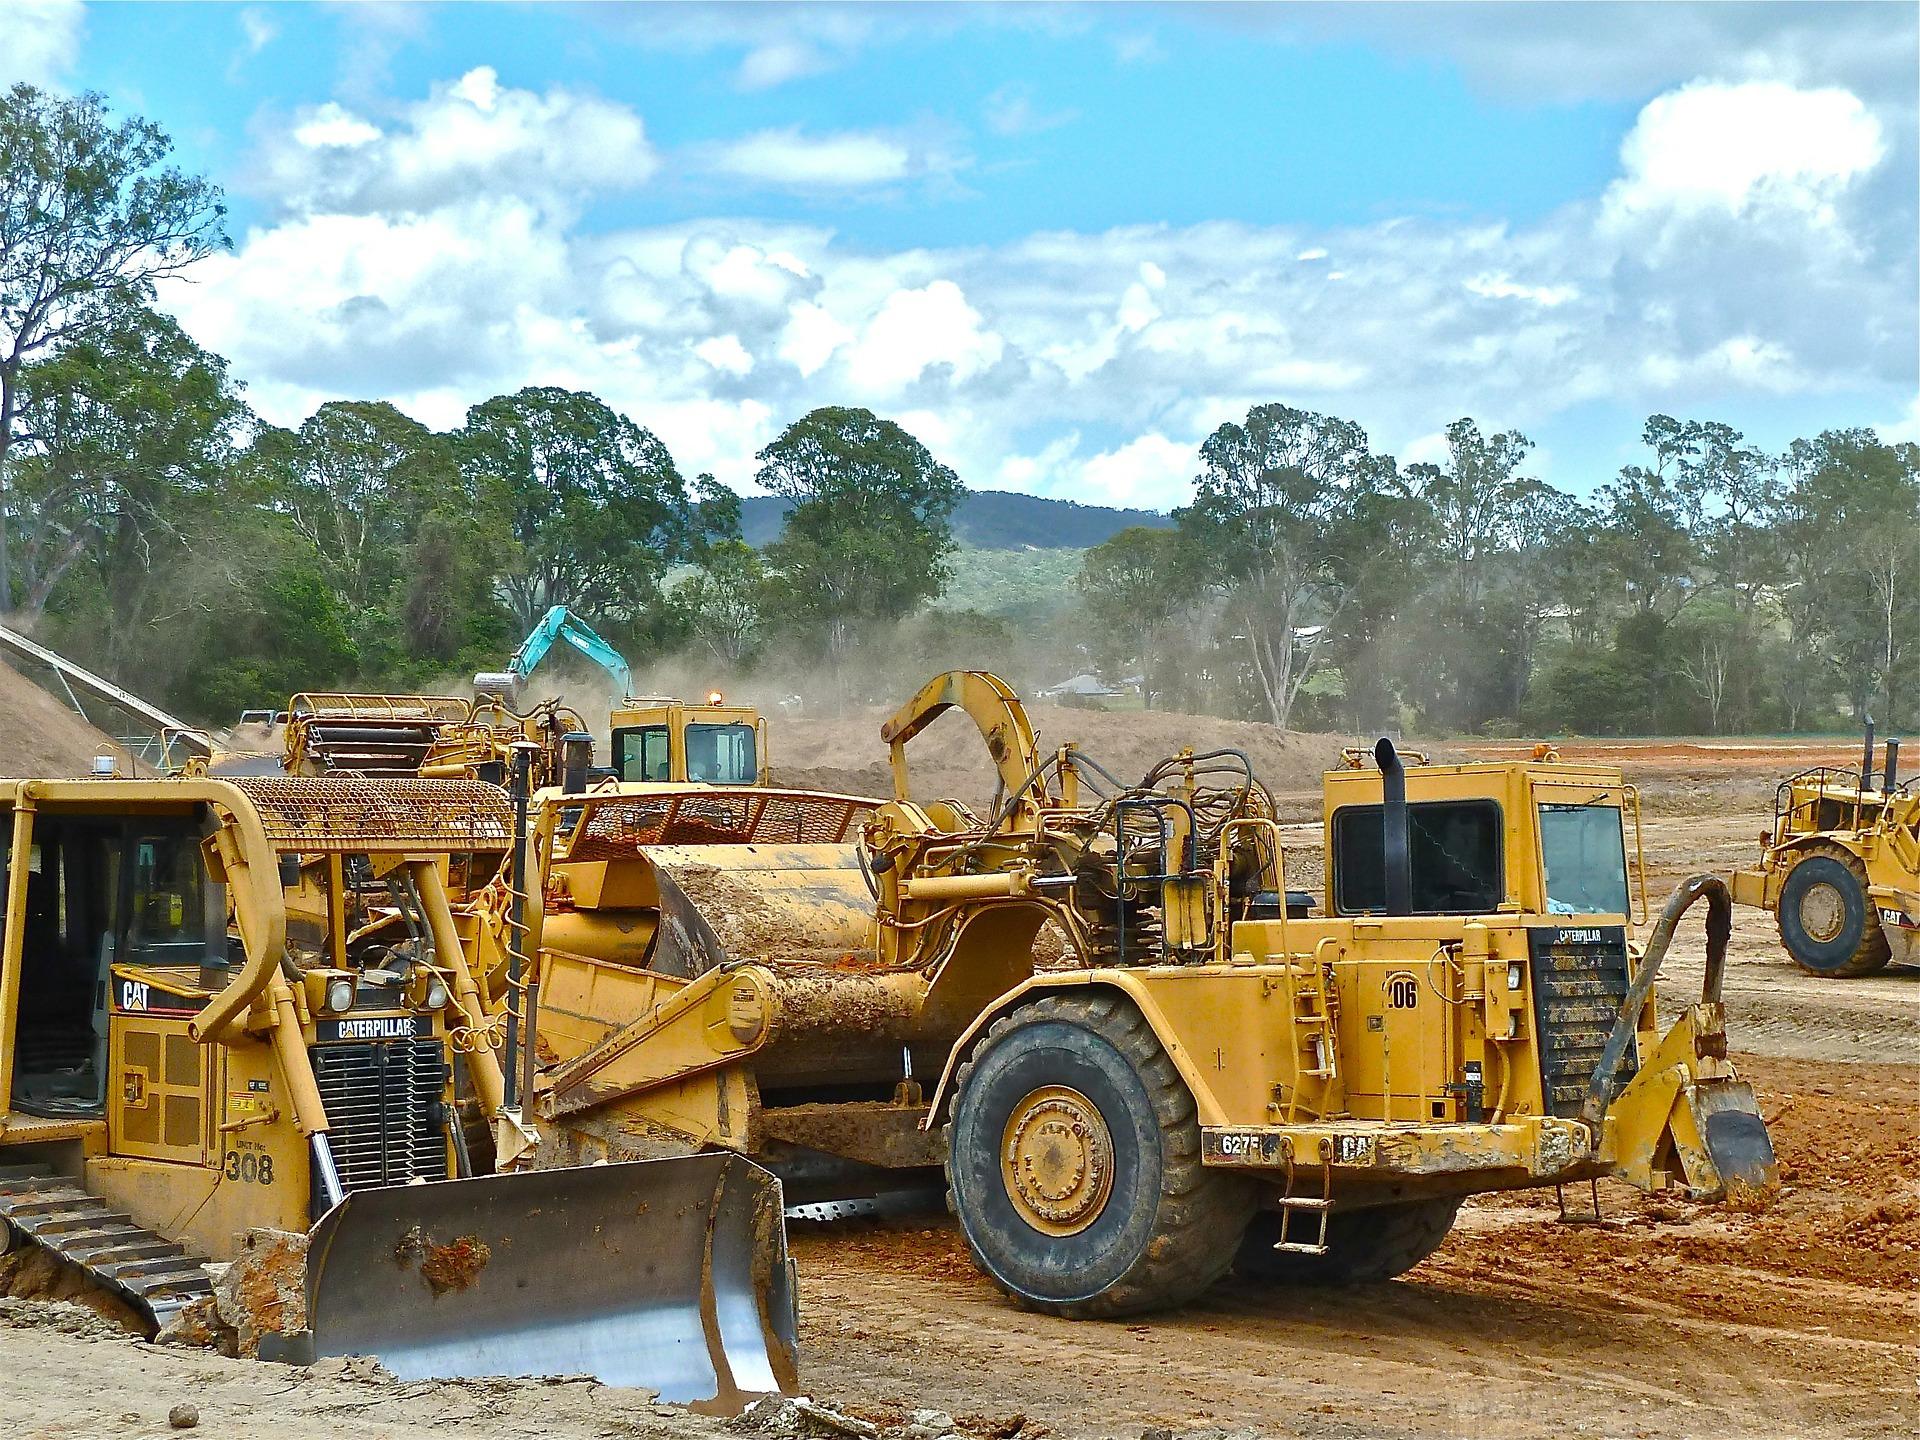 Rodung Regenwald bulldozer Klimaschutz